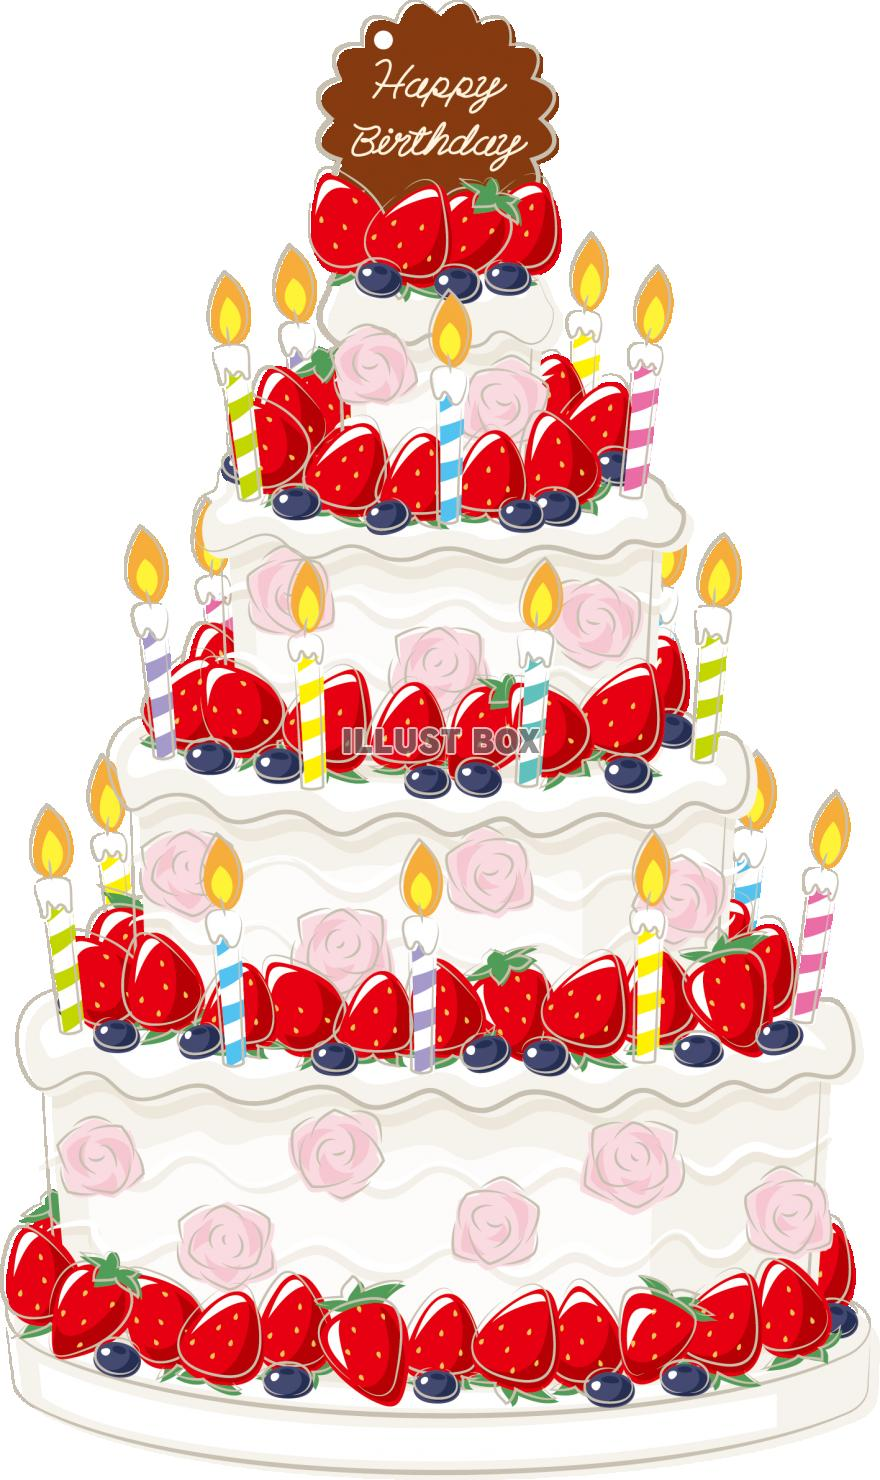 無料イラスト バースデーケーキ 誕生日